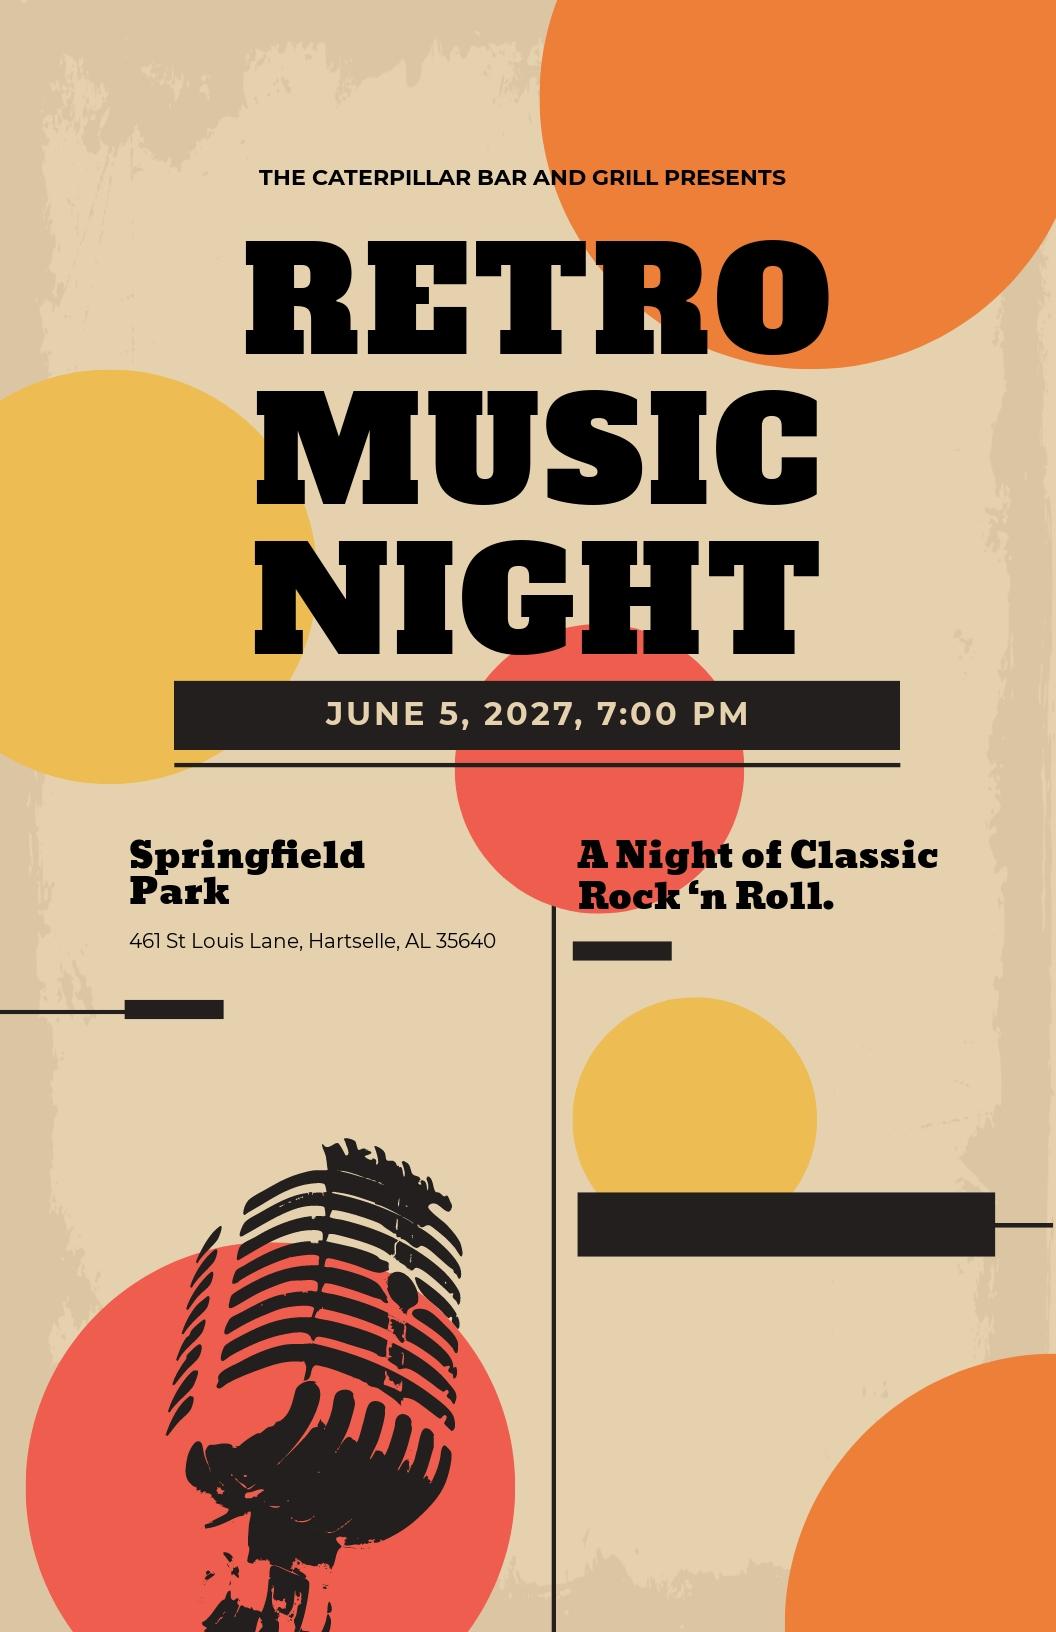 Vintage Concert Poster Template